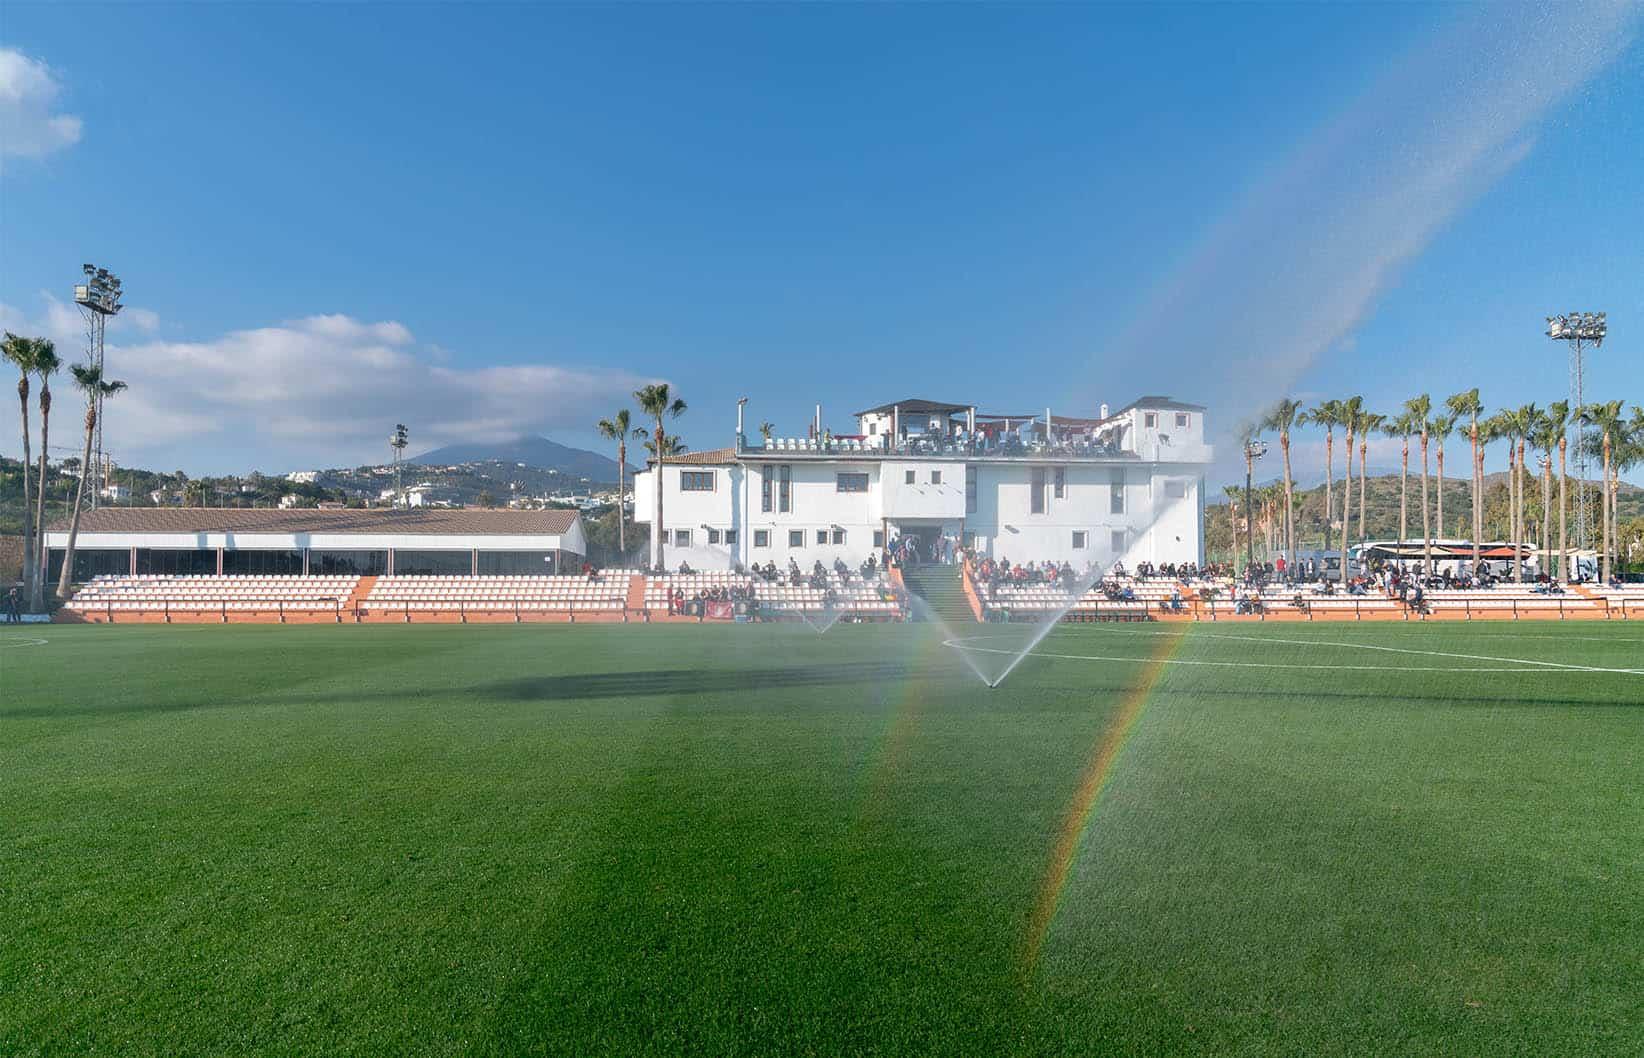 marbella-football-center-training-facilities-09